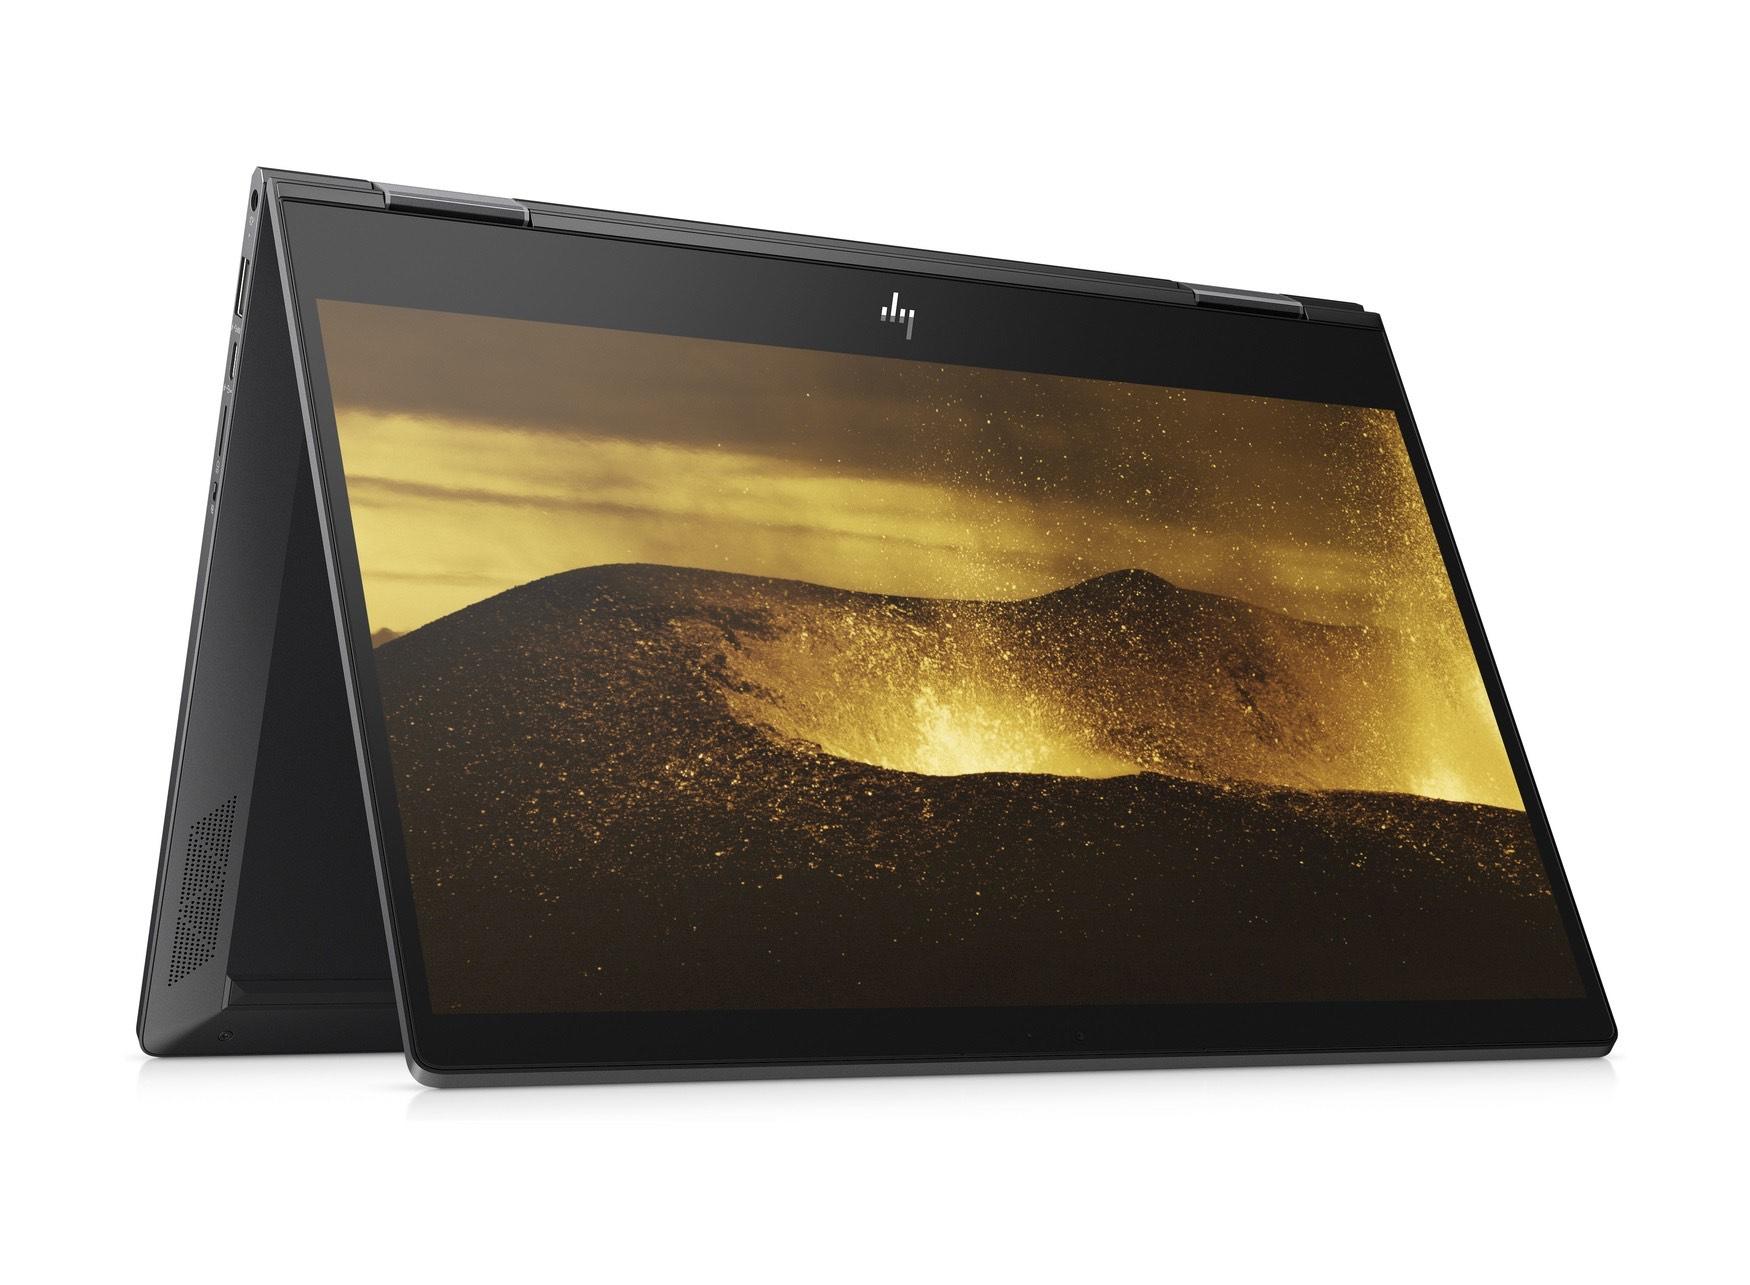 """HP ENVY x360 13"""" AMD Ryzen 5 2 in 1 Laptop - 256 GB SSD, Black £599 @ Currys"""